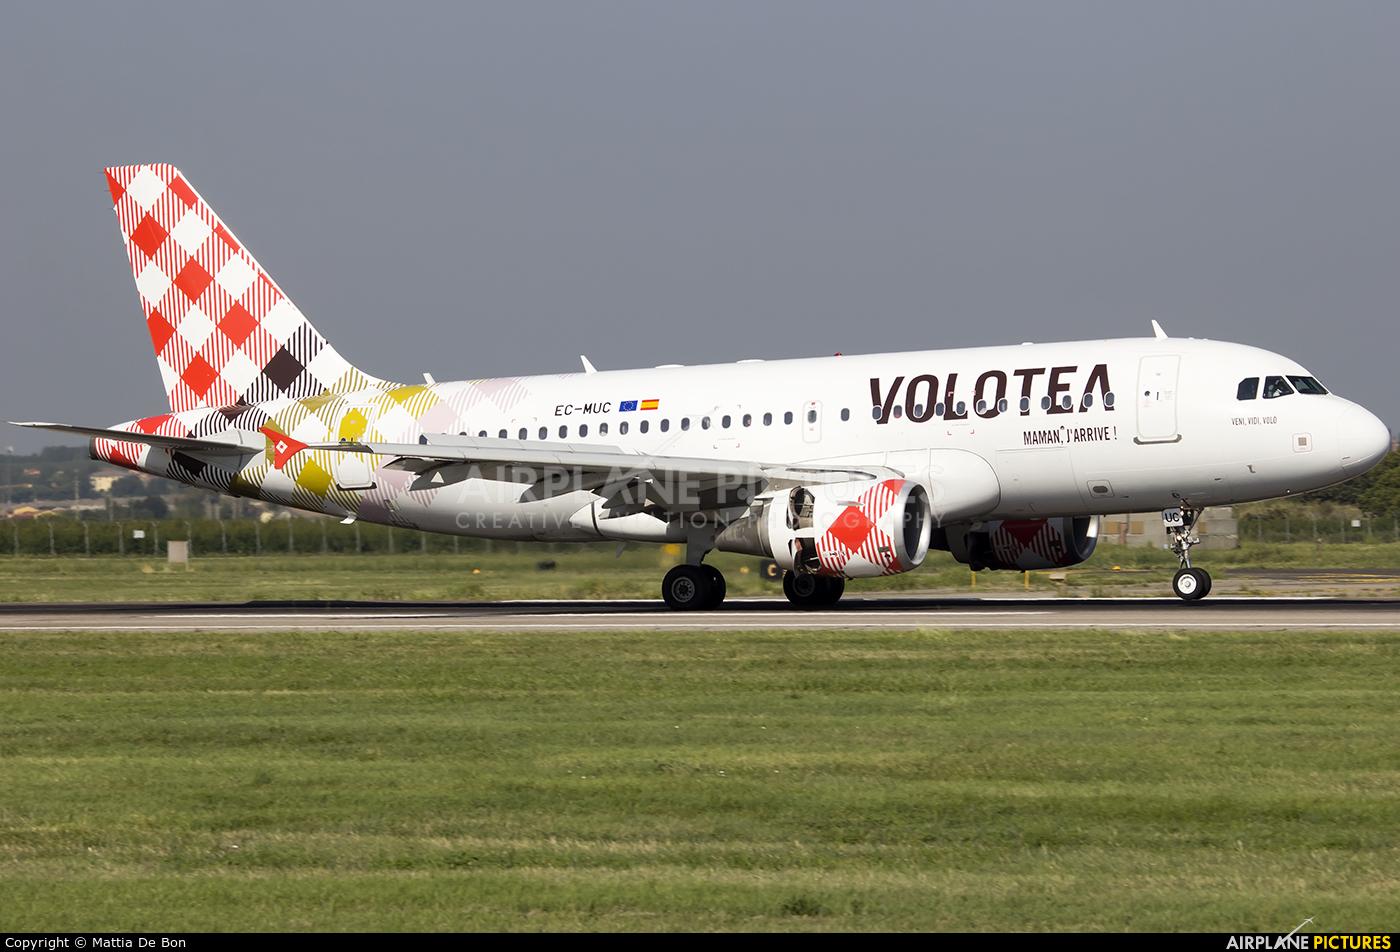 Volotea Airlines EC-MUC aircraft at Verona - Villafranca